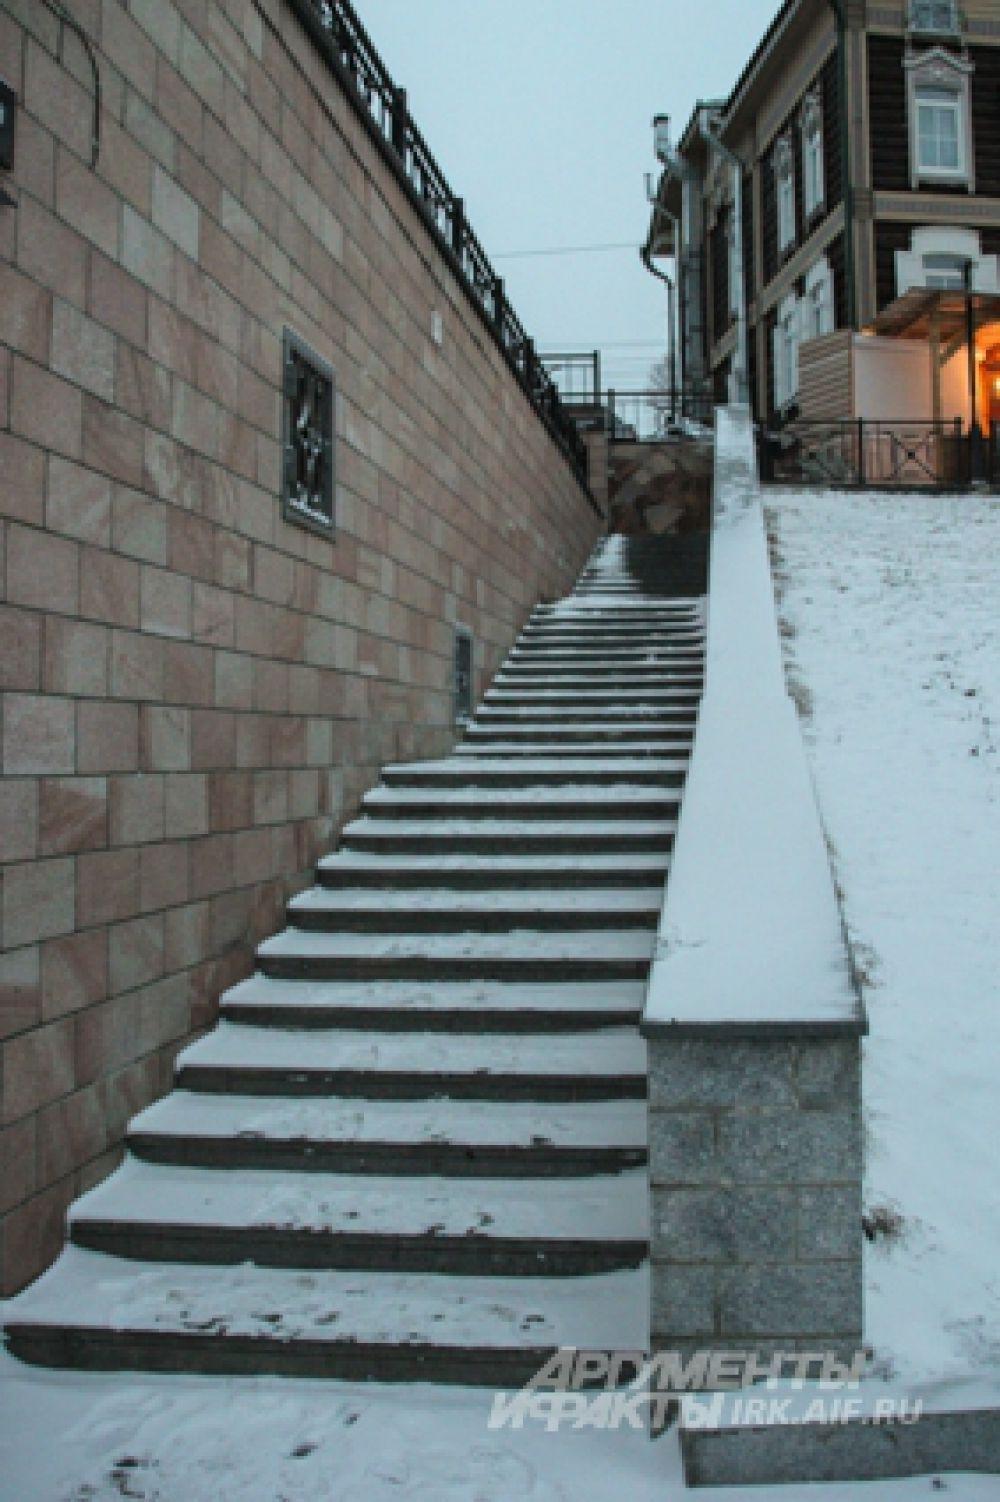 Крутые лестницы опасны для здоровья.